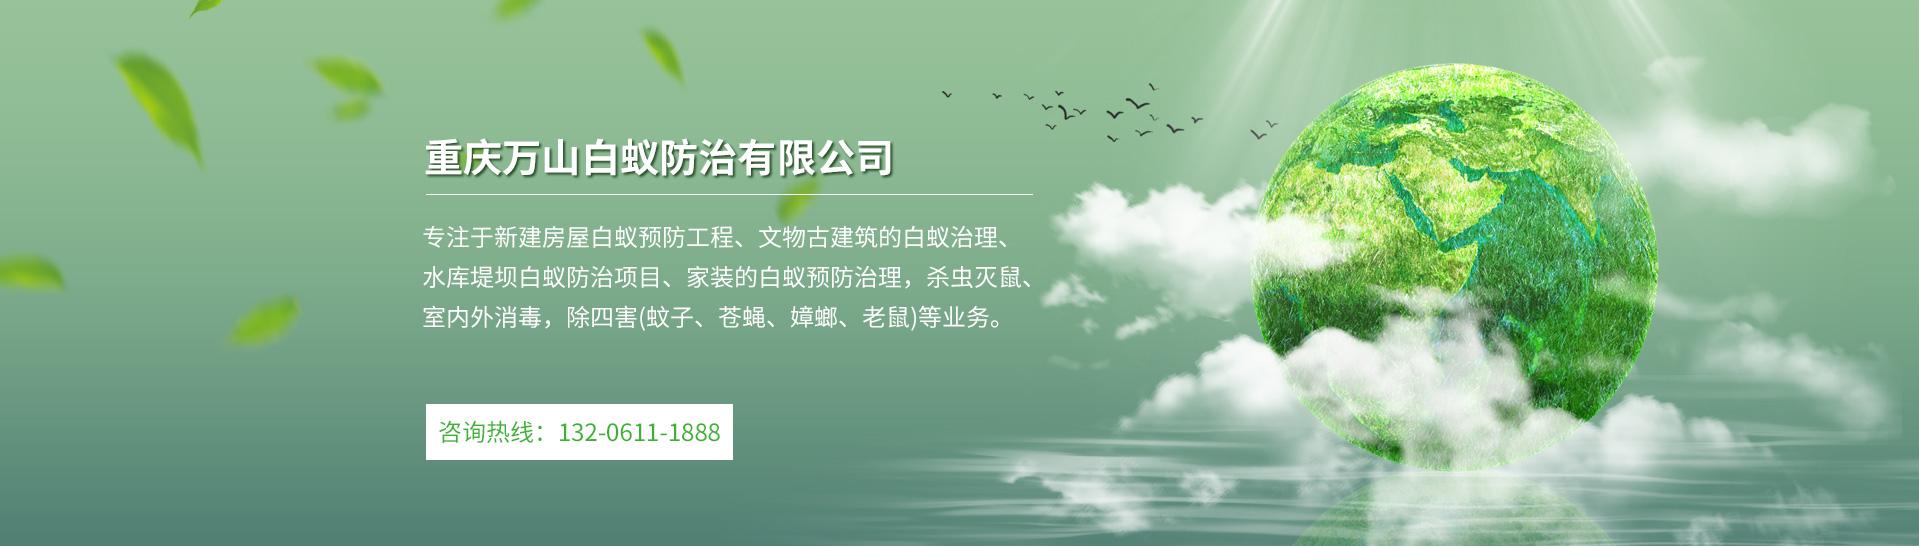 重庆城市有害生物防治